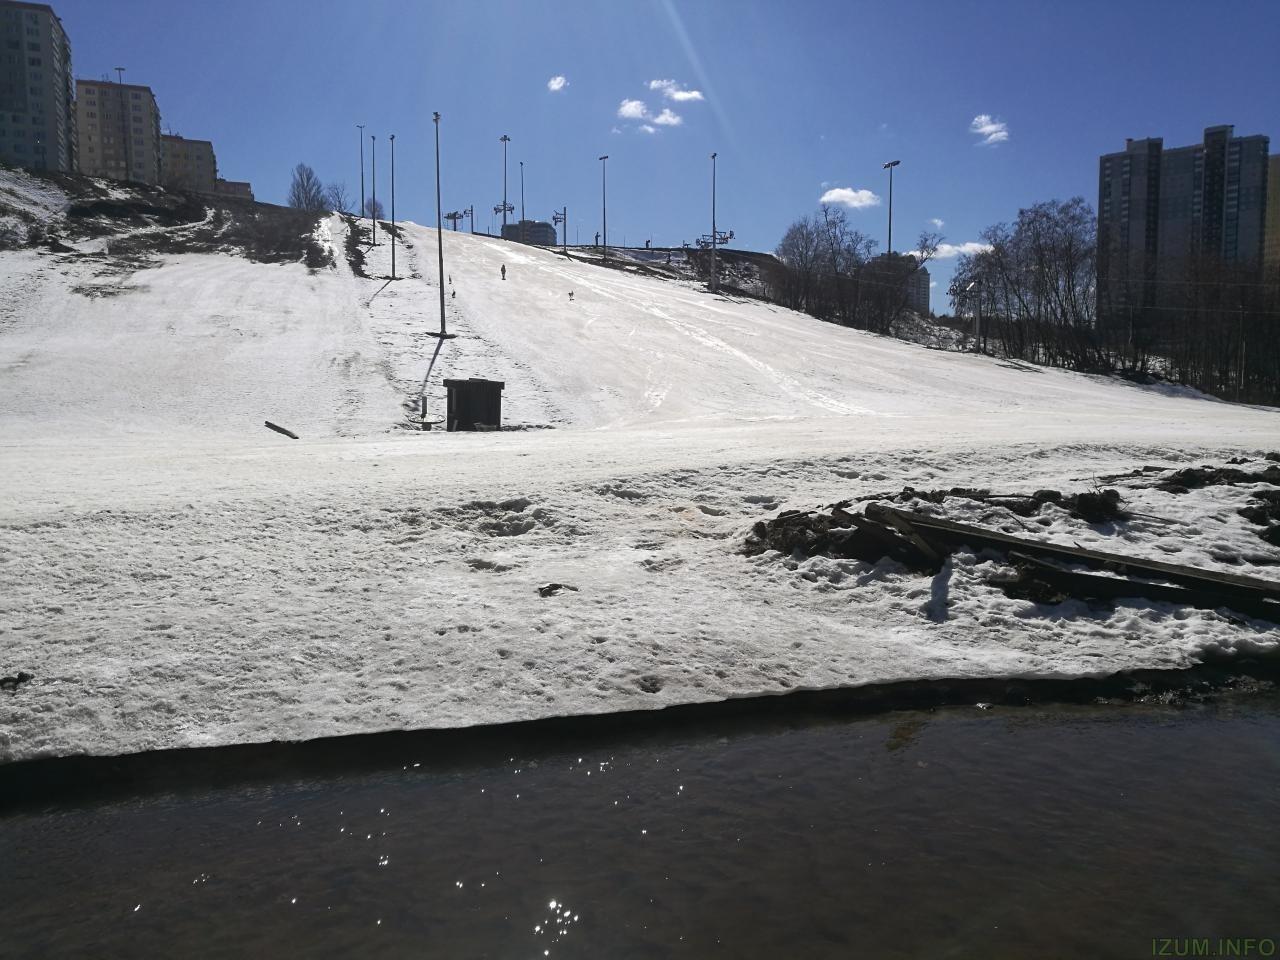 Изумрудные холмы горнолыжный спуск (3).JPG